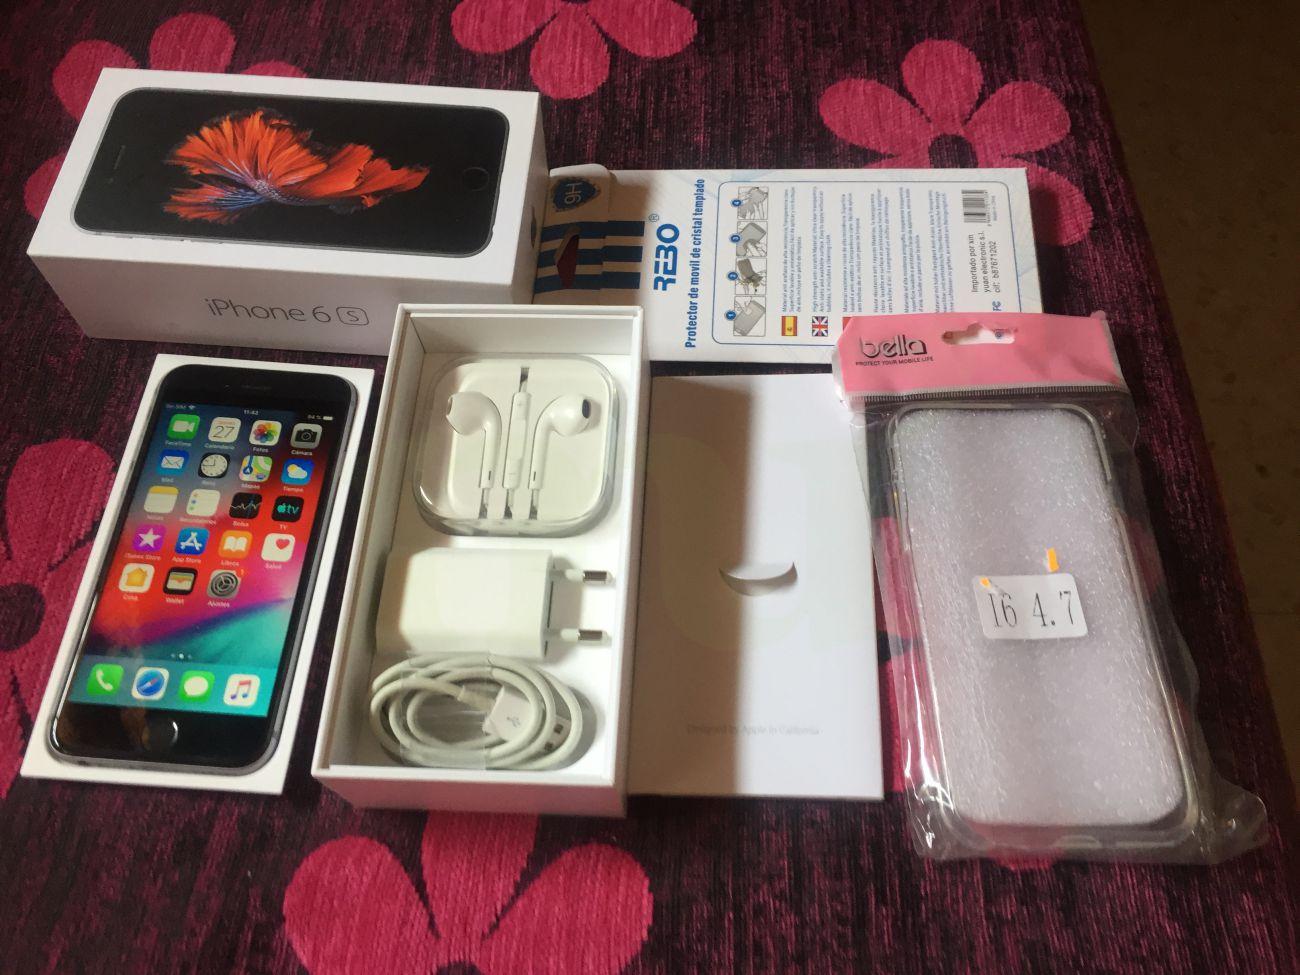 f9d9148222f venta iphone 6s 128 gb gris espacial libre acc originales impecable ...